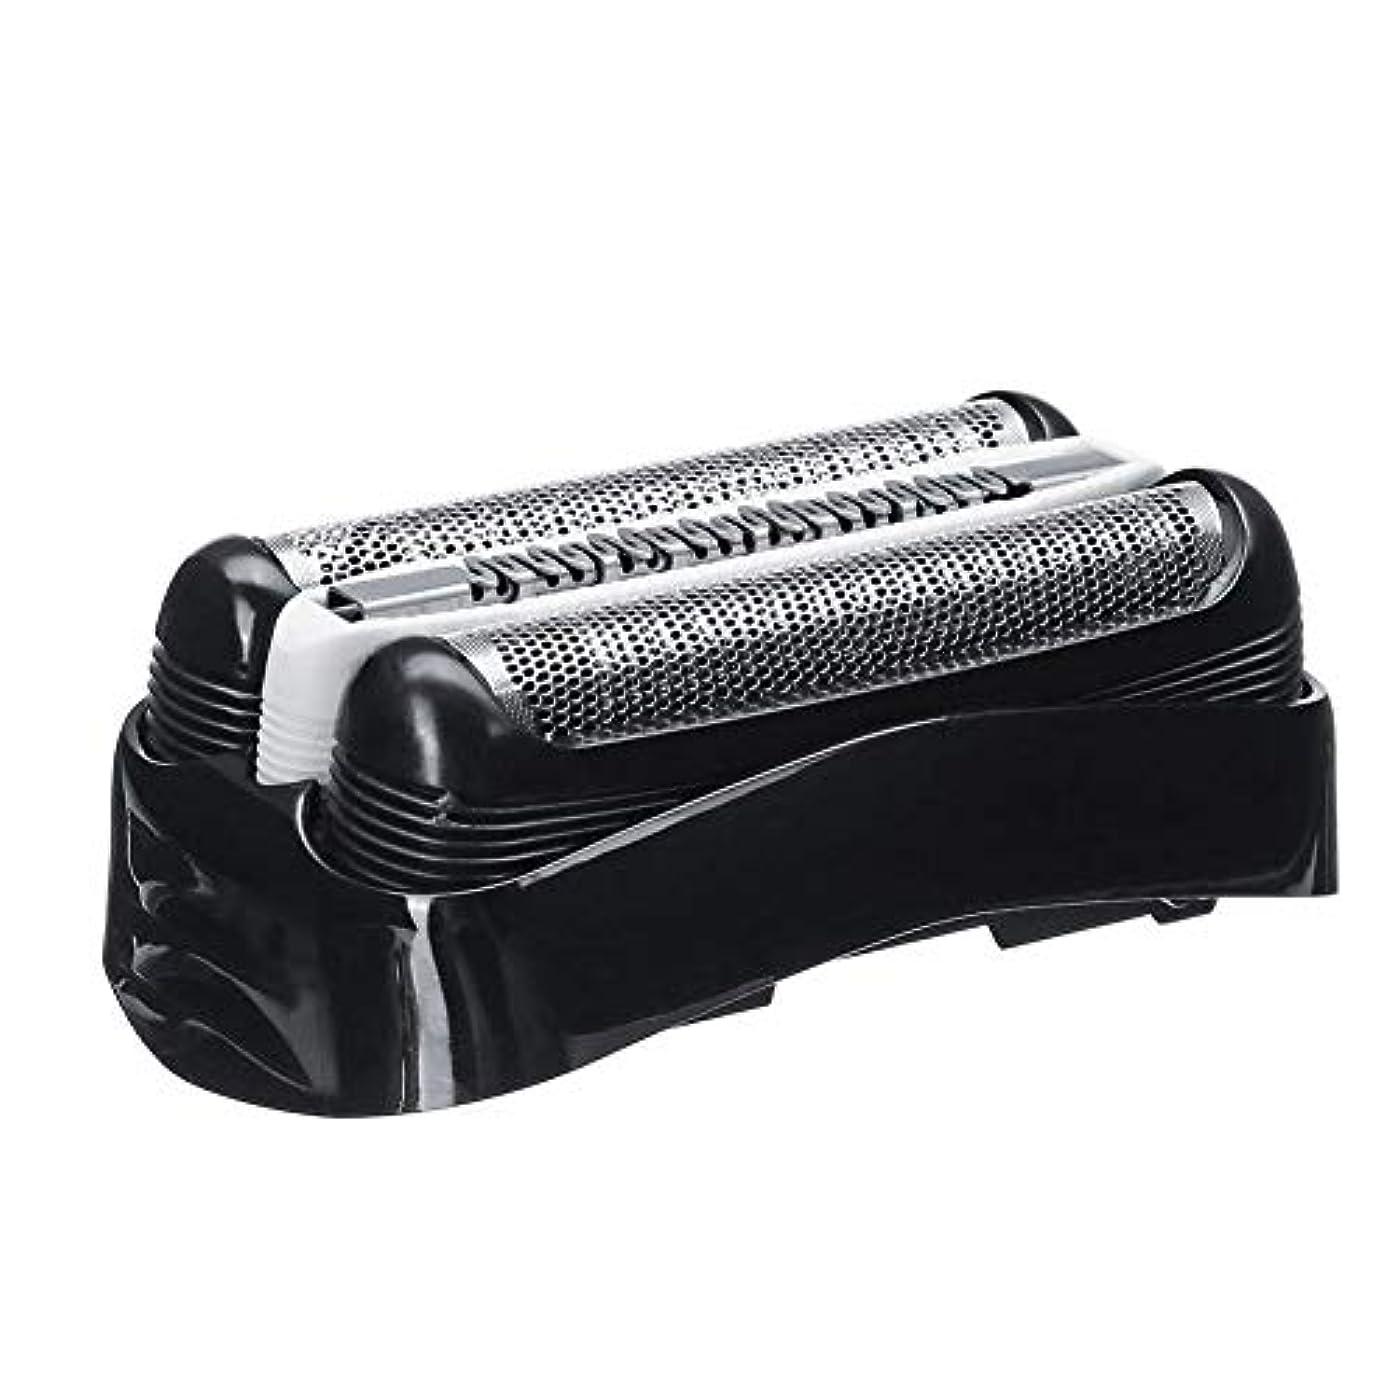 フロー長くするコンペシェーバー替刃 メンズシェーバー用 セット刃 シェーバー交換部品 電気シェーバー交換ヘッドカミソリアクセサリ for Braun 3 series